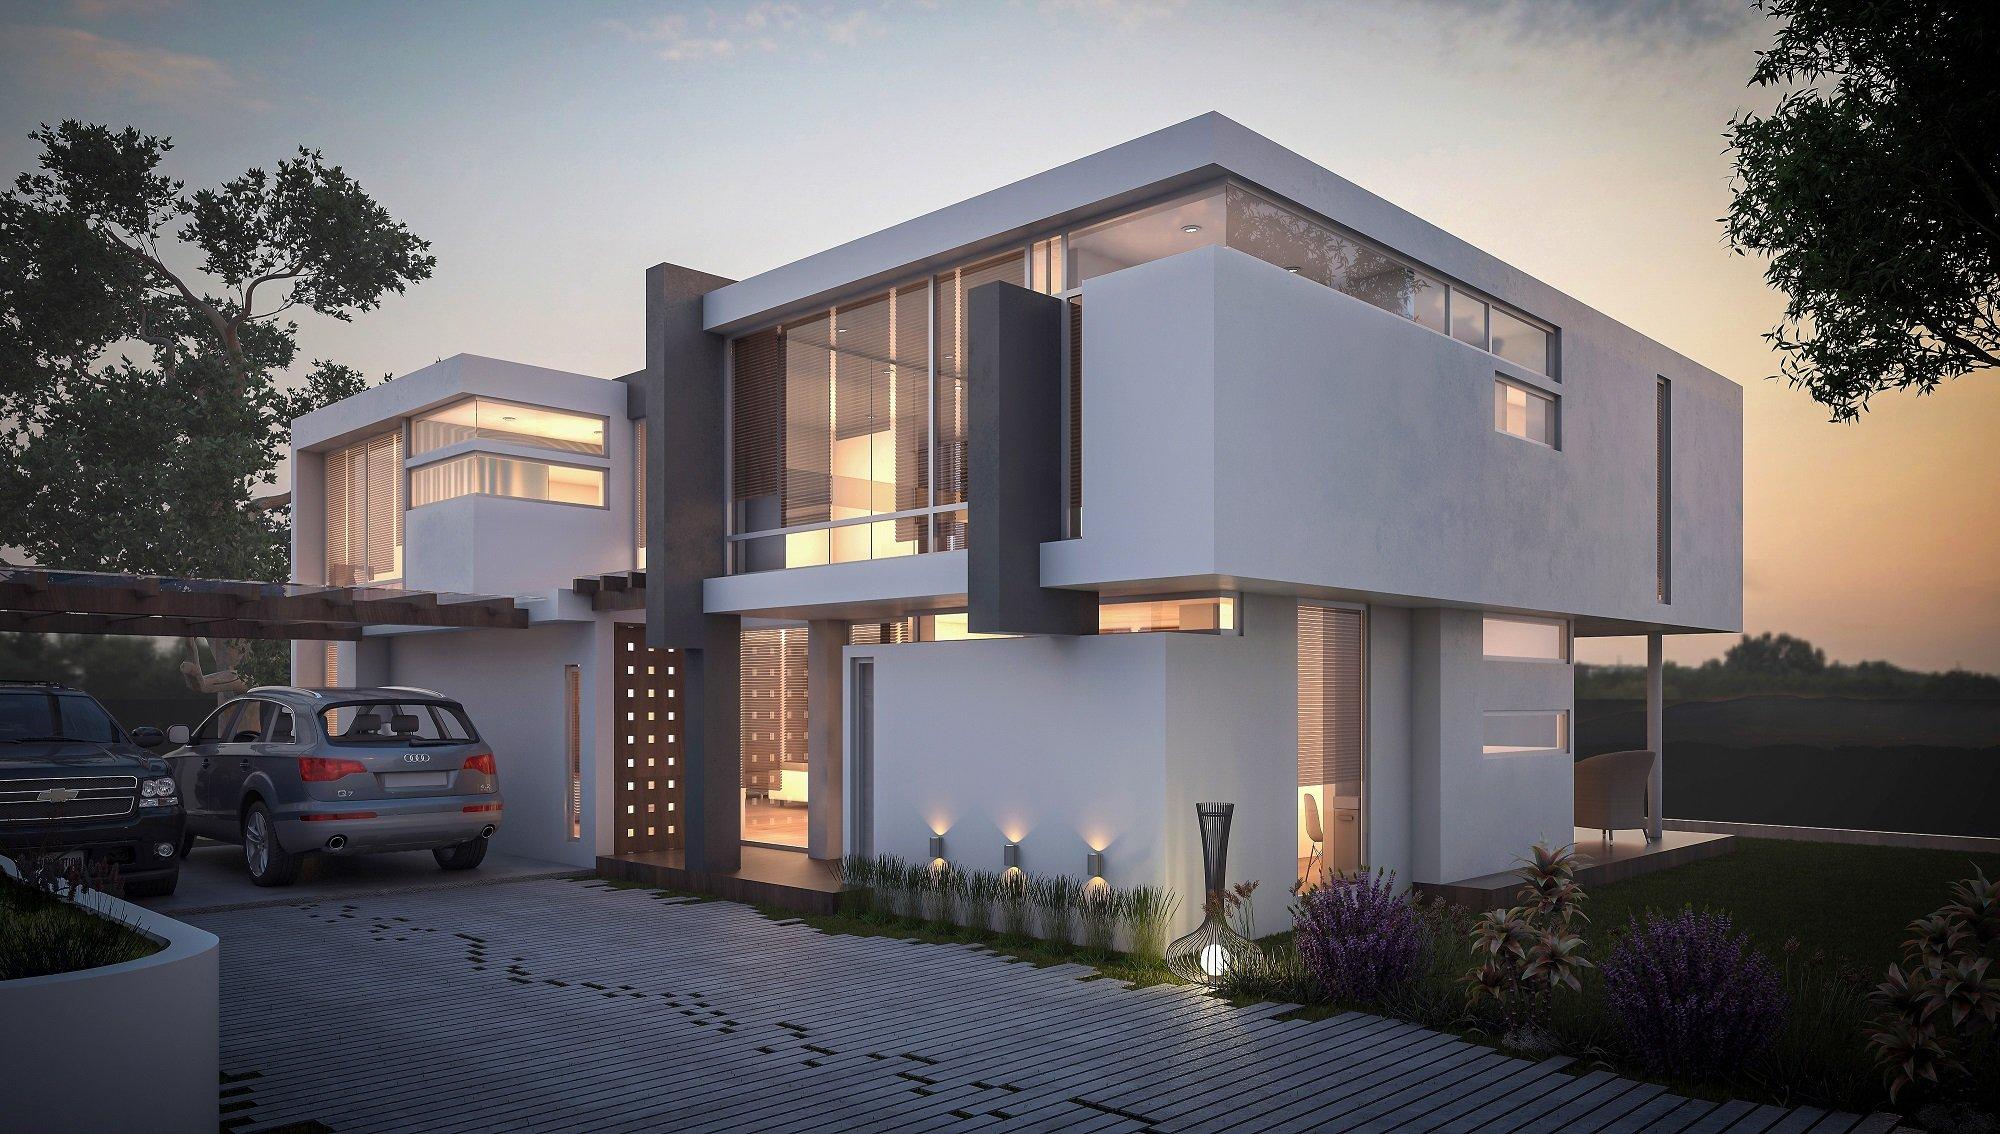 Casa-MG-Nayon-A3-Arquitectos-Quito-Ecuador